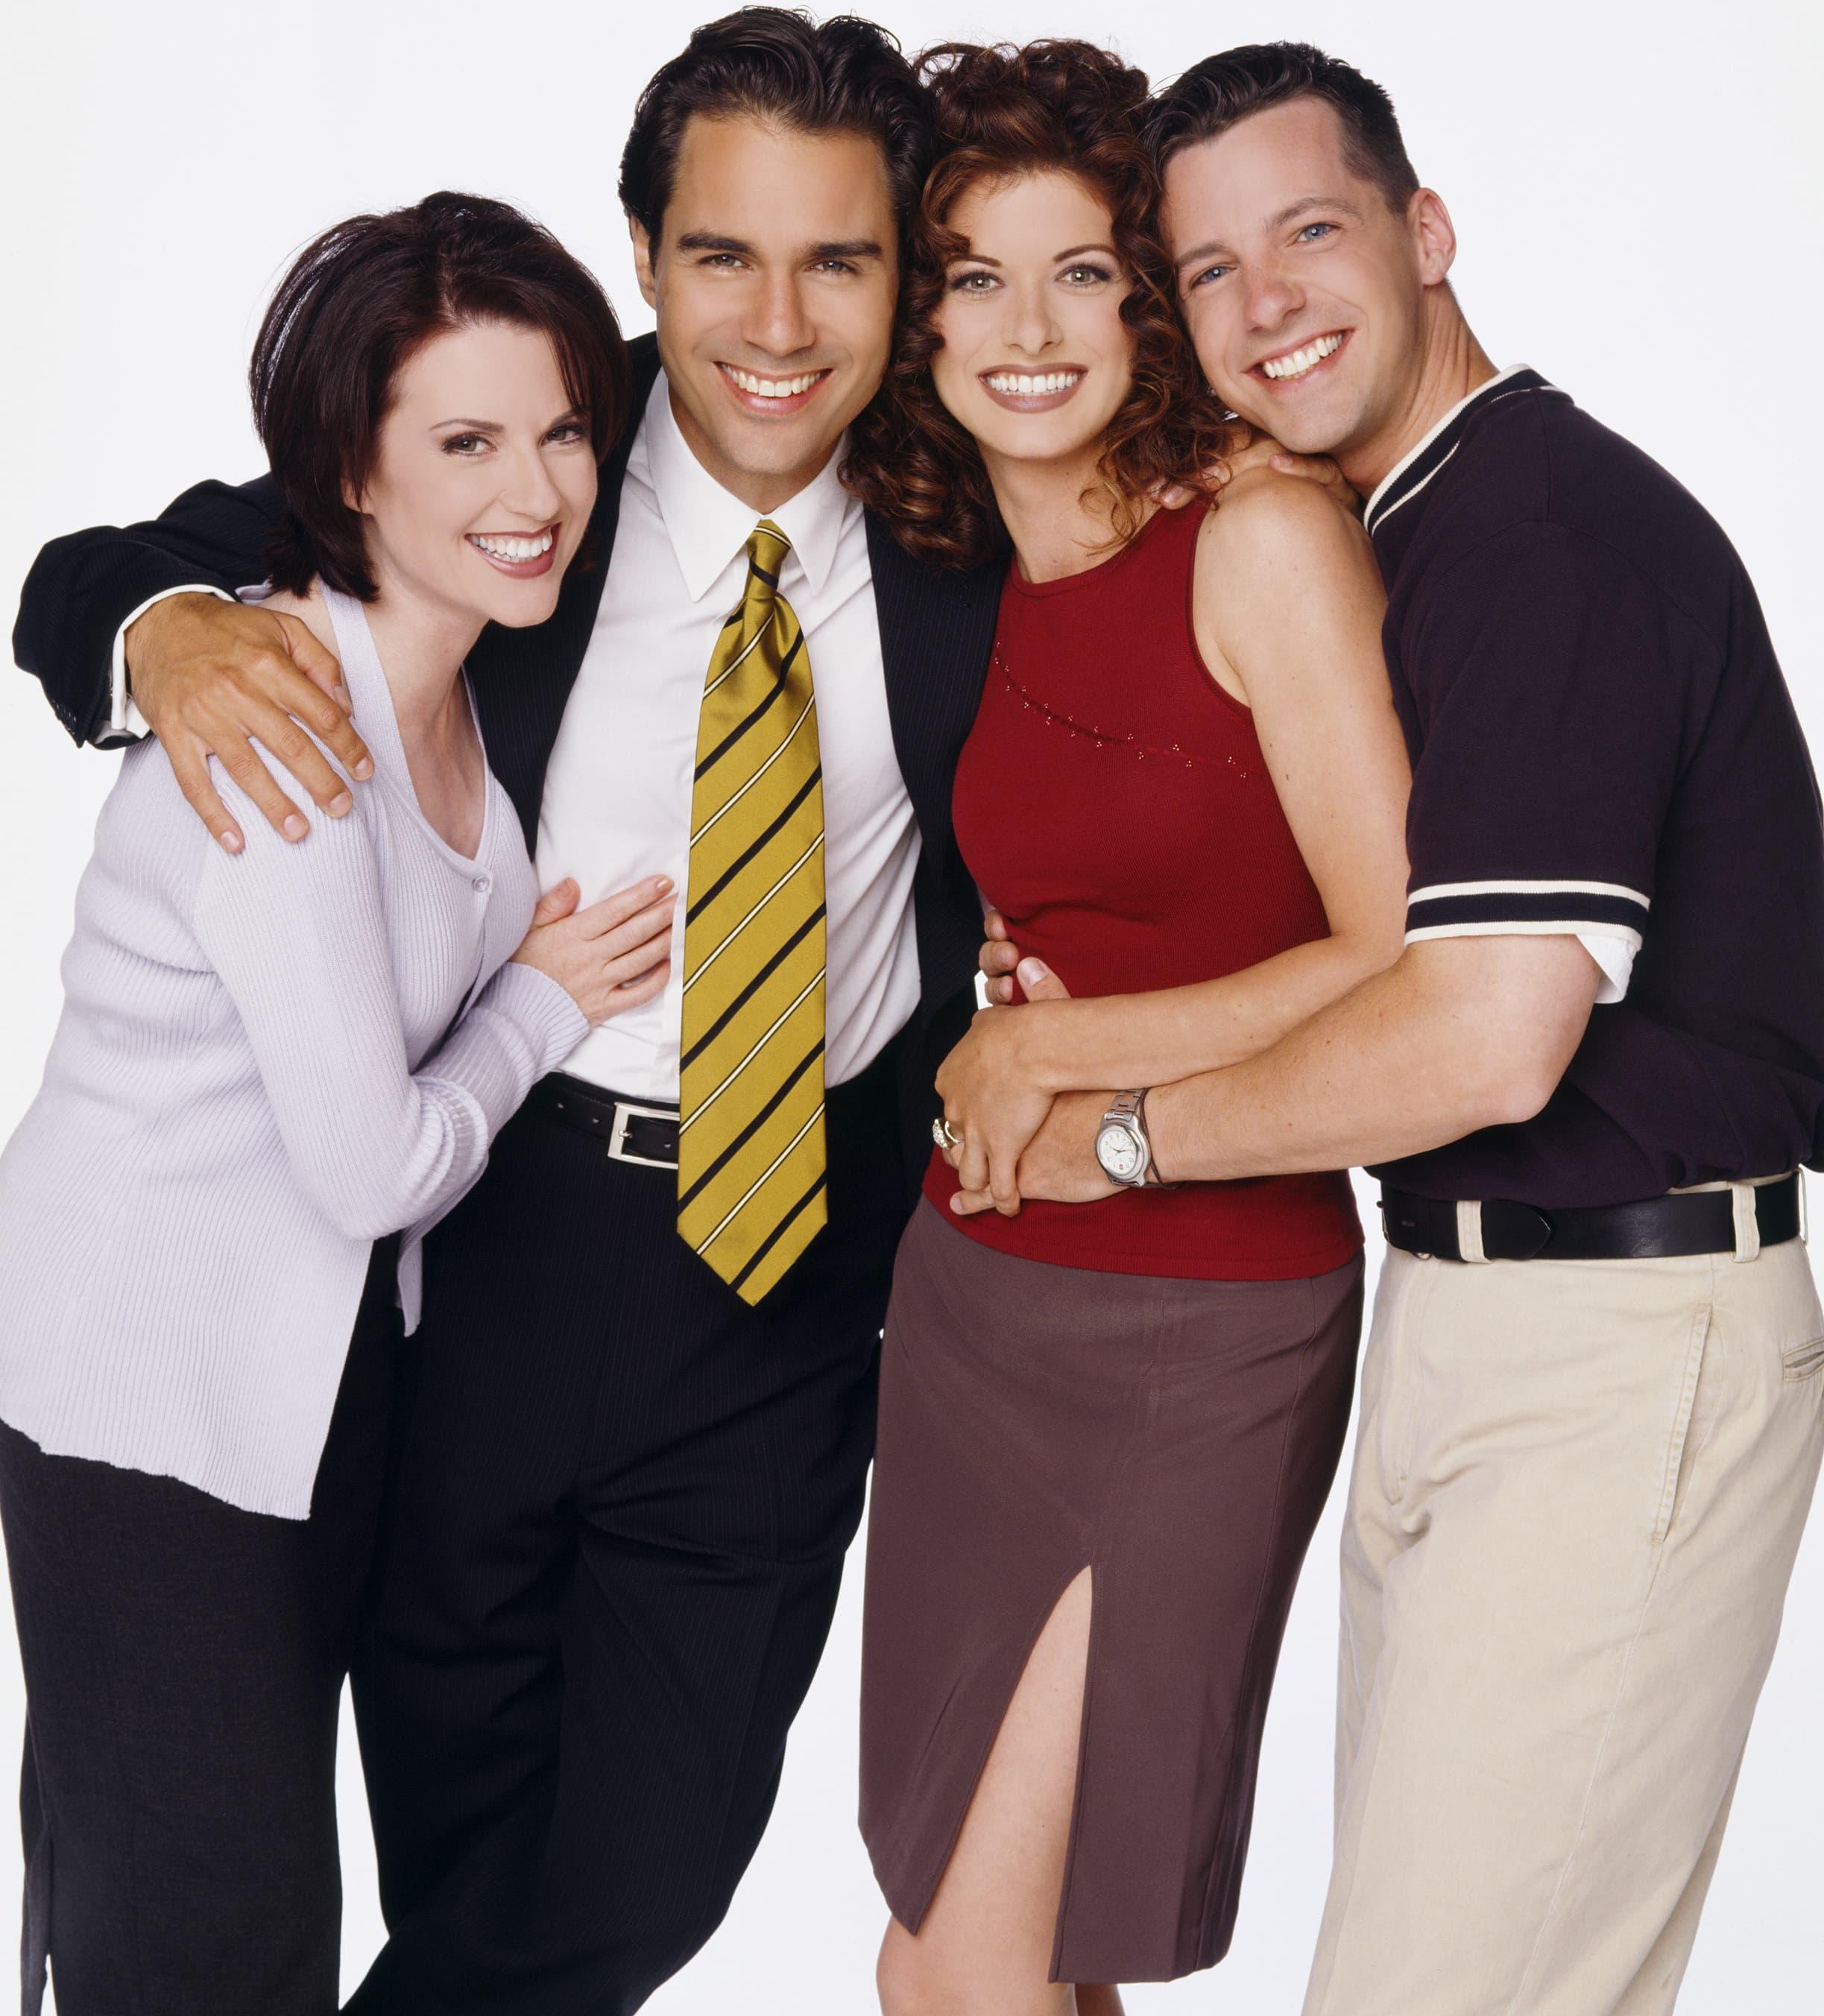 Serija koji su mnogi obožavali tokom osam sezona (foto: NBC)